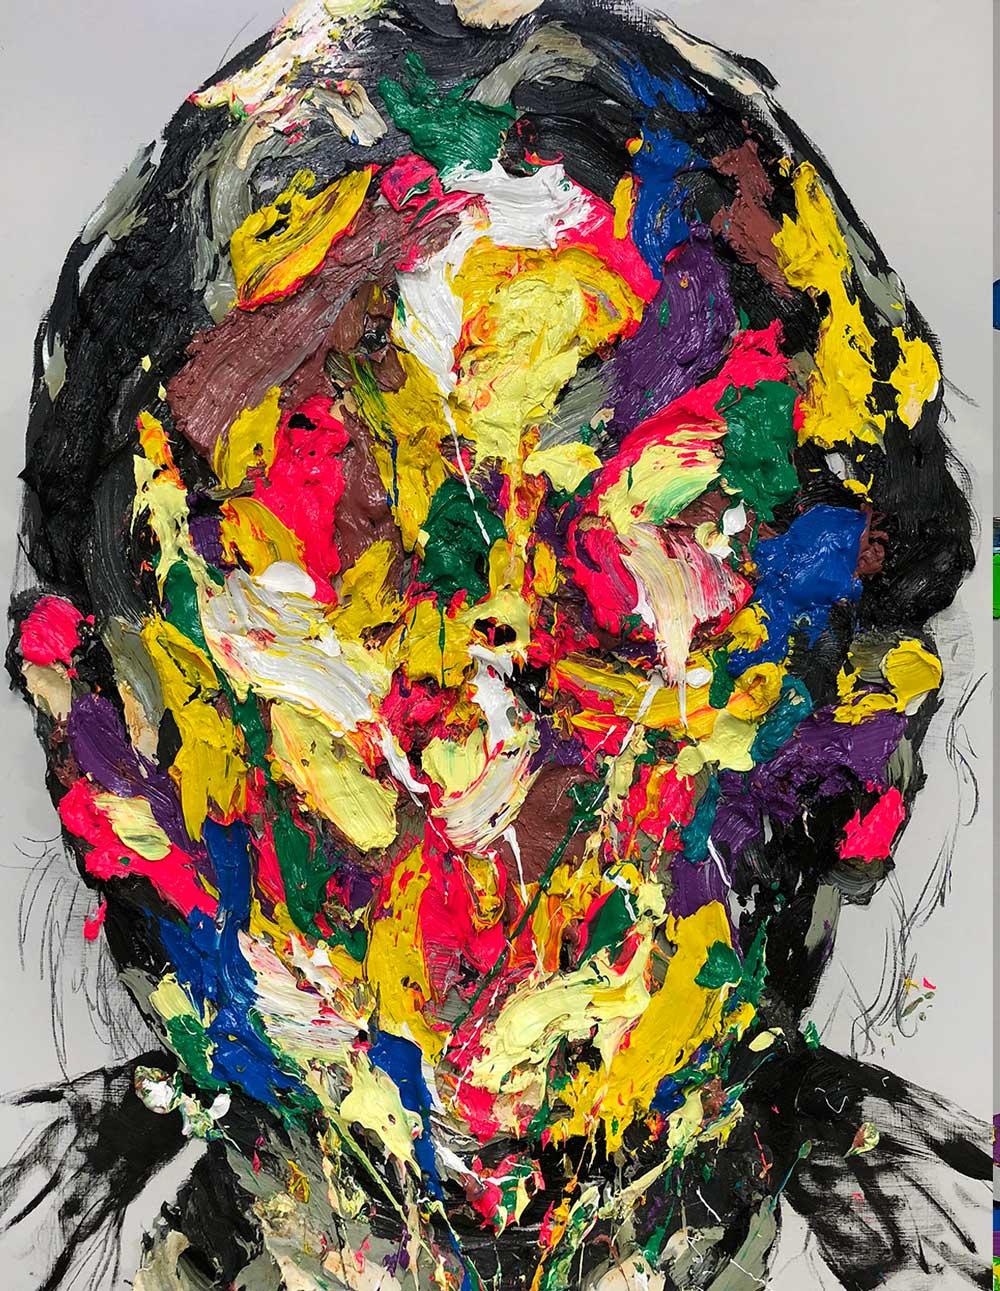 Retrato de pinceladas sobrepuestas de colores amarillo, verde, morado, rojo, blanco y negro del artista KwangHo Shin.